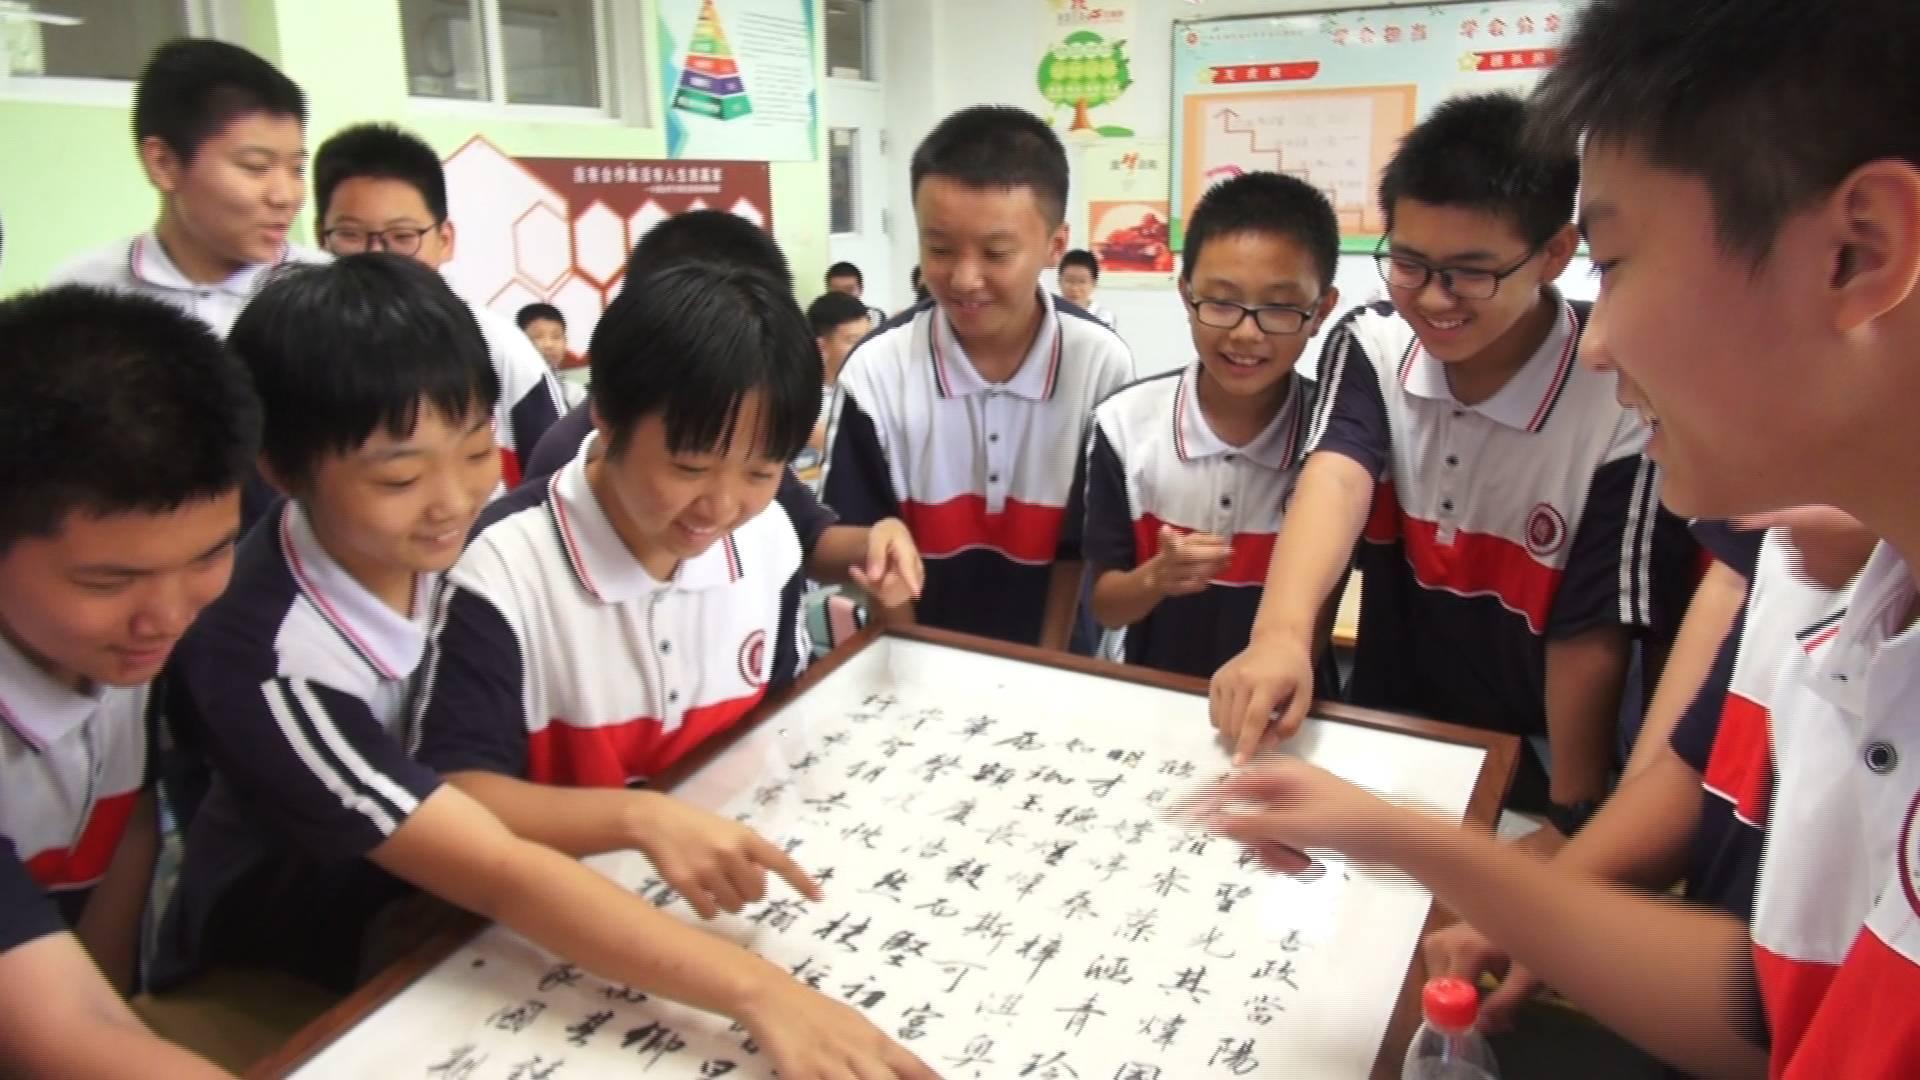 """超有爱!济南这位老师用""""姓名诗""""""""拍了拍""""全班学生"""